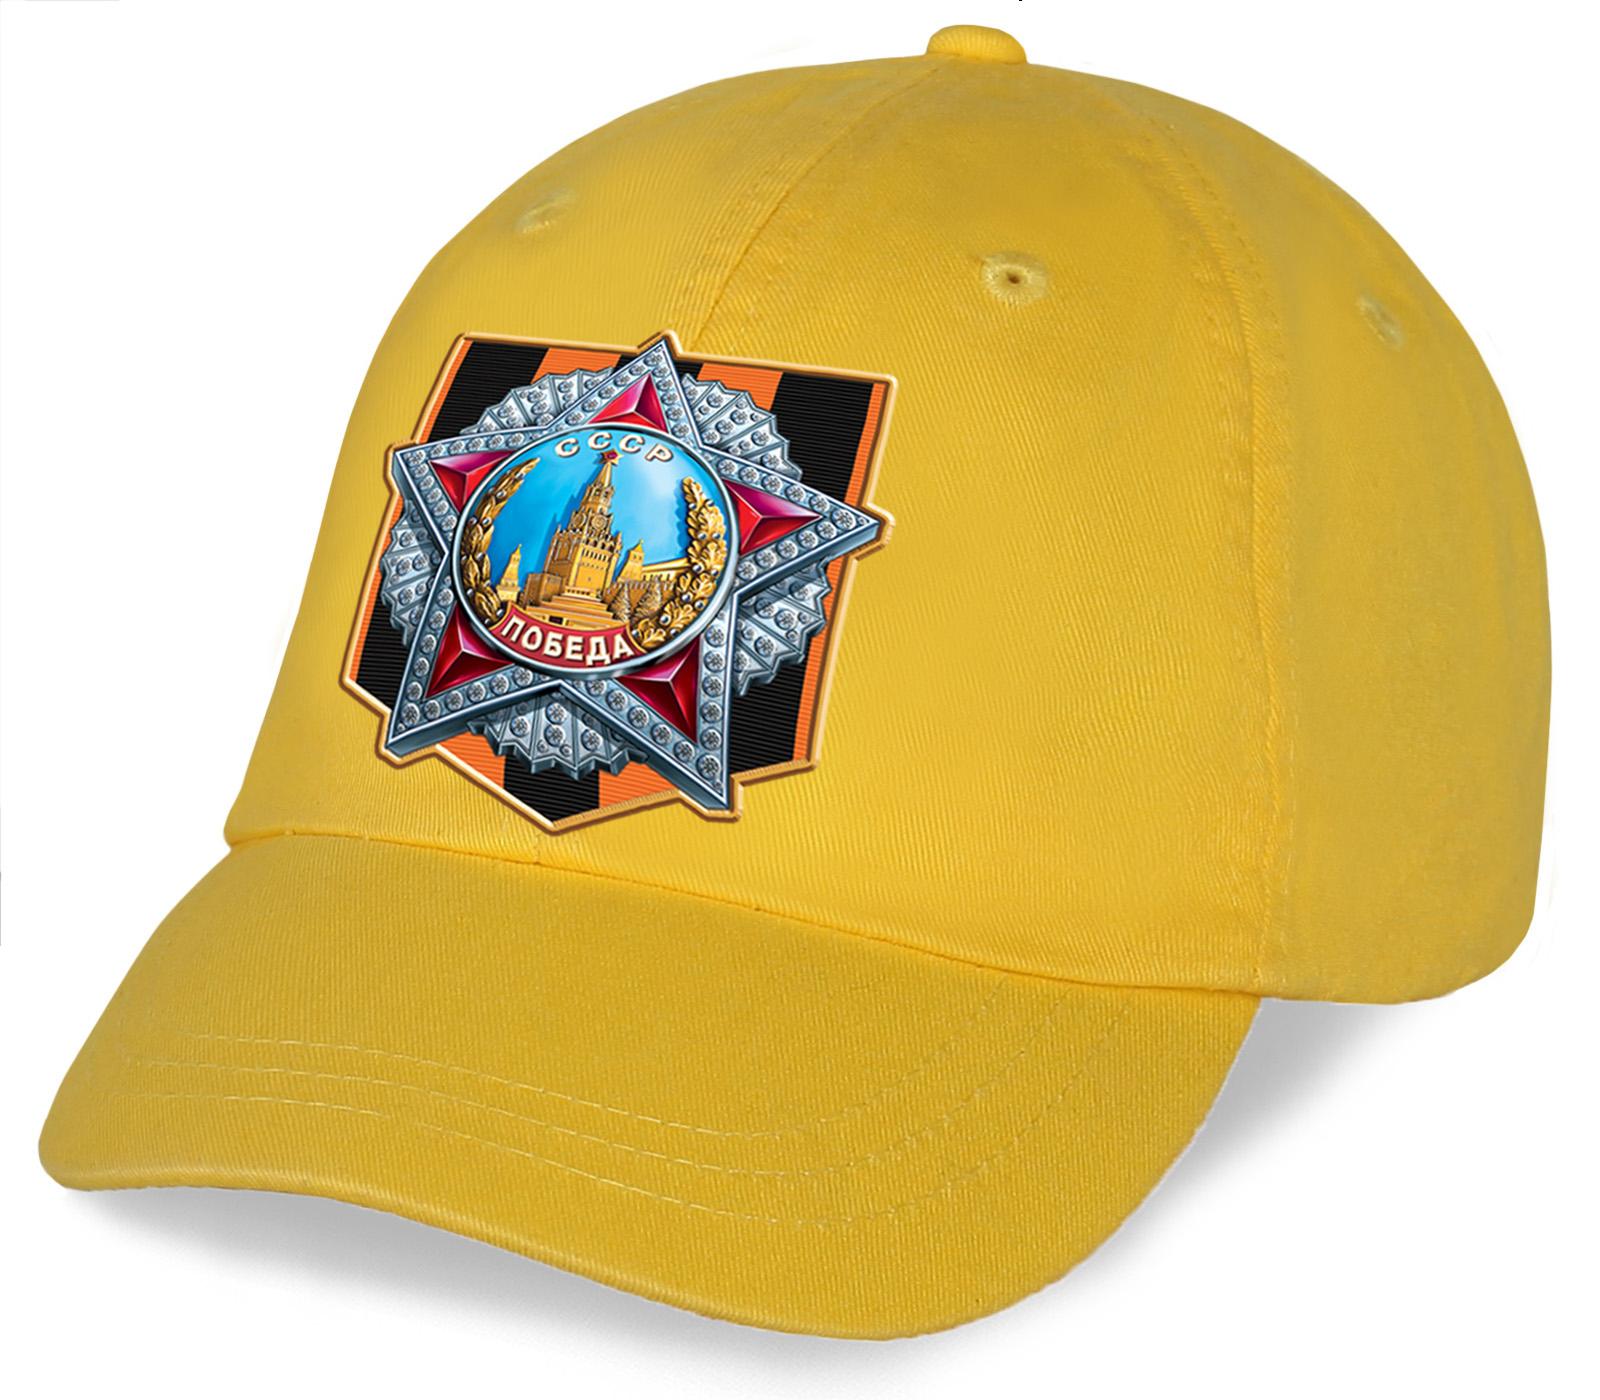 Суперстильная и необычная кепка с 3D принтом Ордена Победы от дизайнеров Военпро. Отличное решение в качестве подарка для души! Торопись купить, количество ограничено!